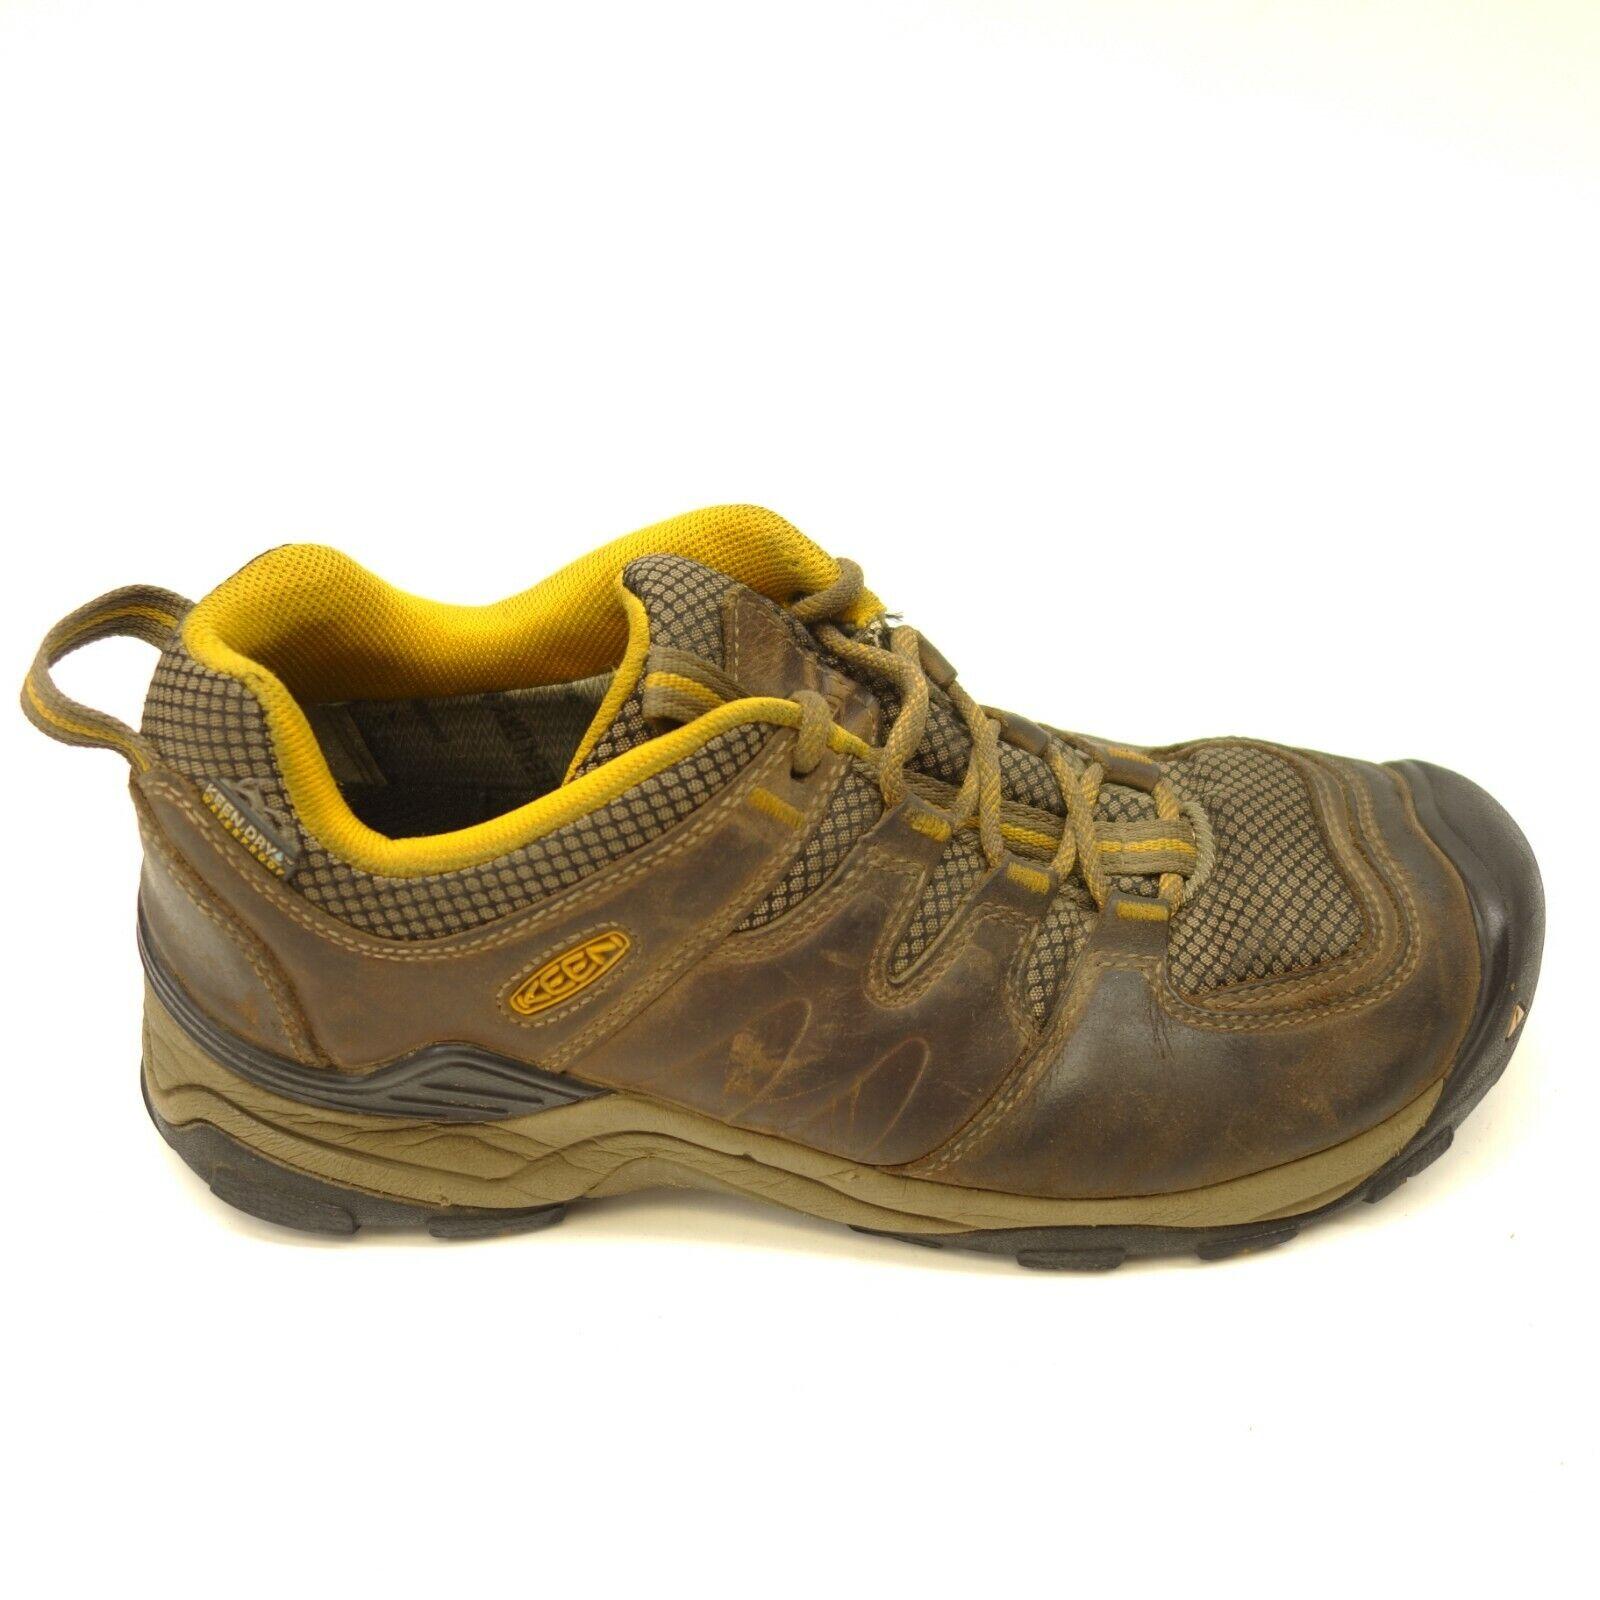 Keen Voyageur bajo US 8 Cuero Soporte para senderismo y para Hombre Zapatos Atléticos